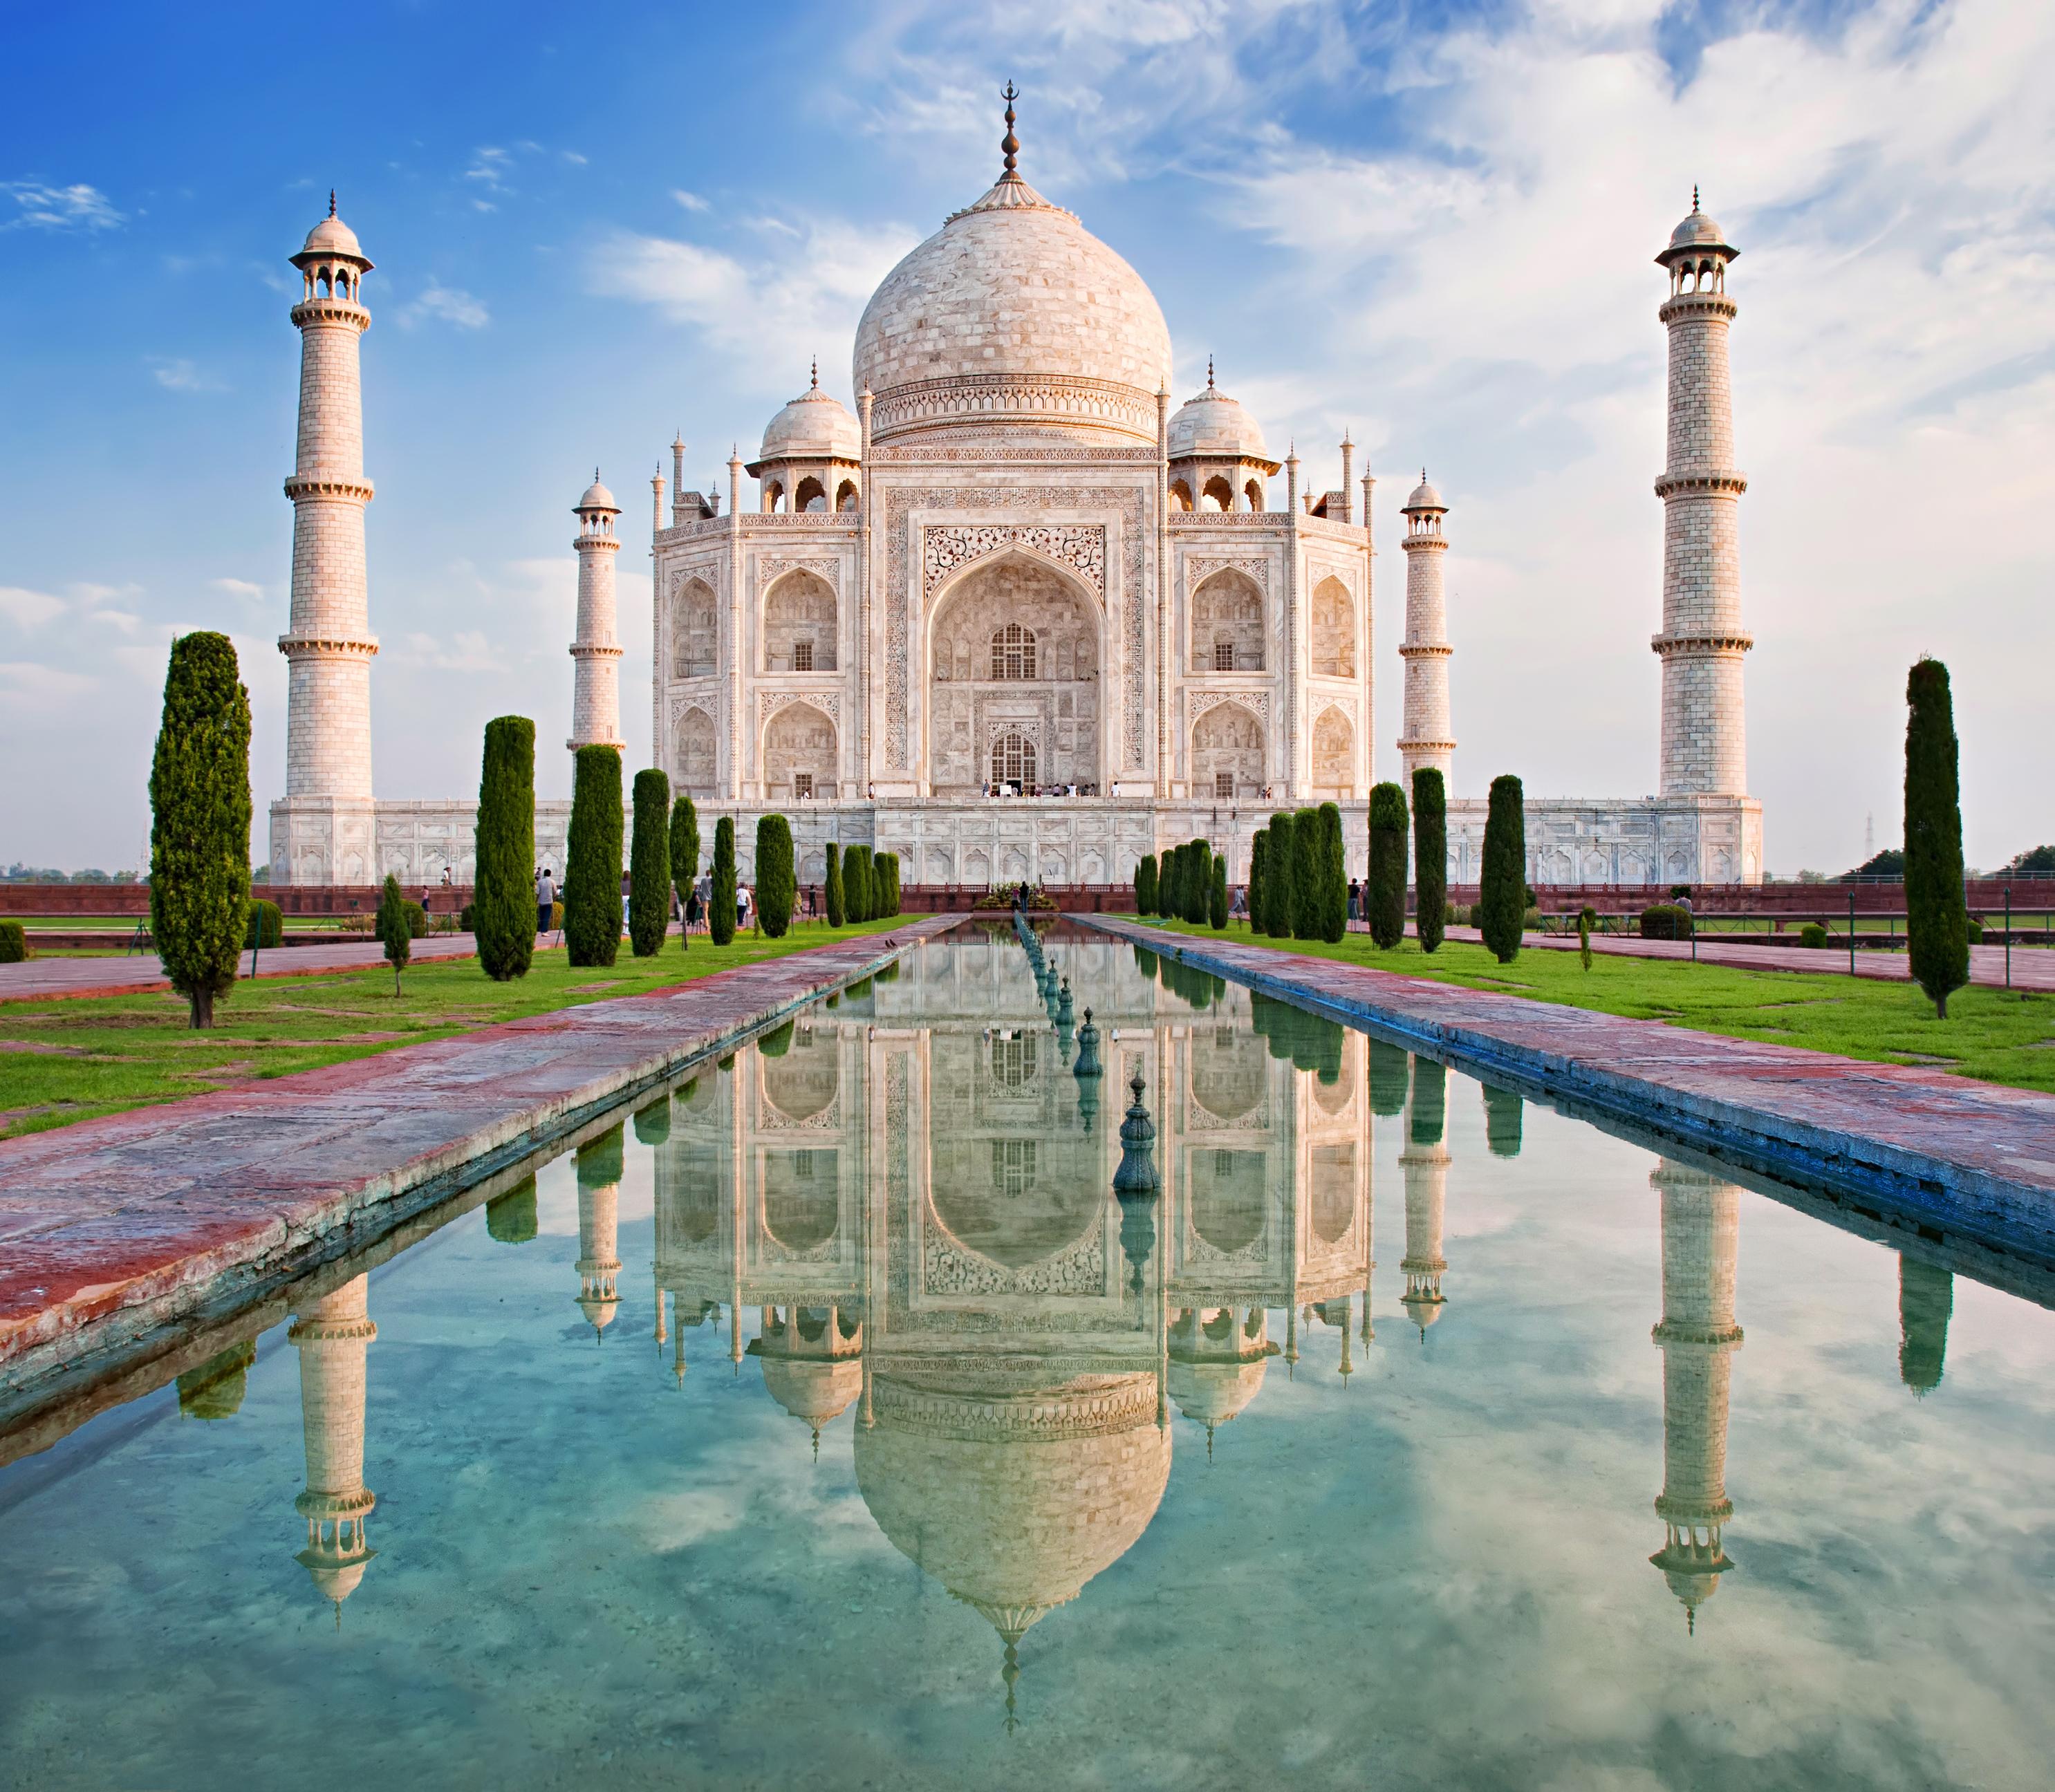 ทัวร์อินเดีย-ทัชมาฮาล-ชัยปุระ-นครสีชมพู-4วัน-2คืน-(OCT18)-(FD)-